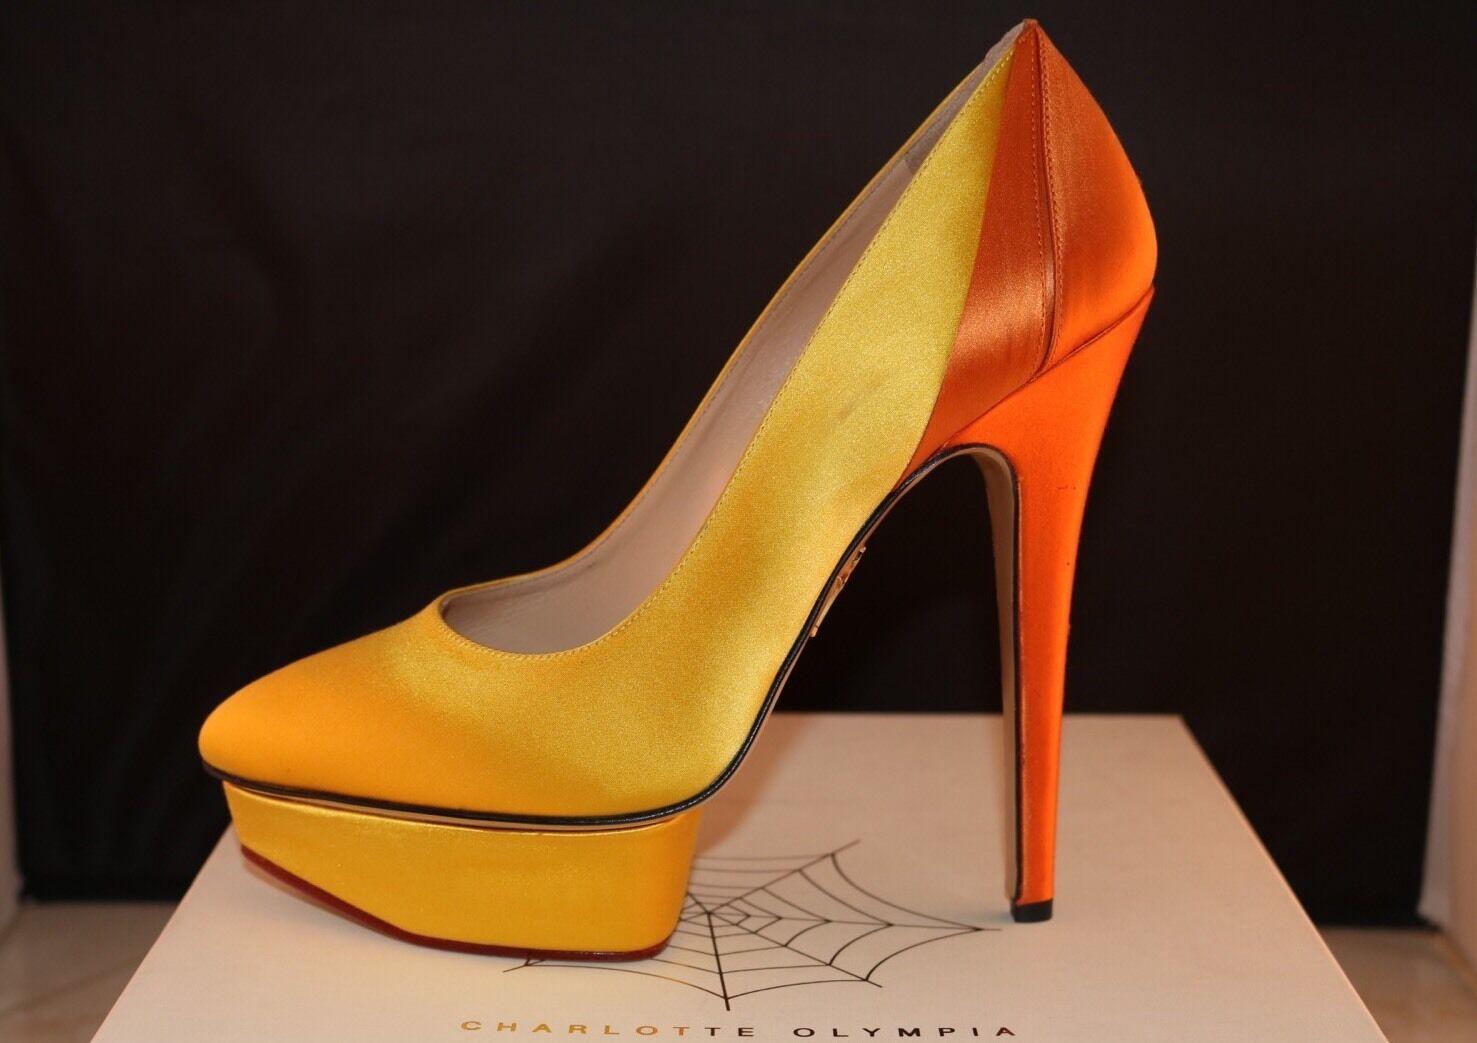 vendita con alto sconto CHARLOTTE OLYMPIA MASAKO coloreBLOCK giallo giallo giallo arancia SATIN PLATFORM PUMPS scarpe 39  all'ingrosso economico e di alta qualità